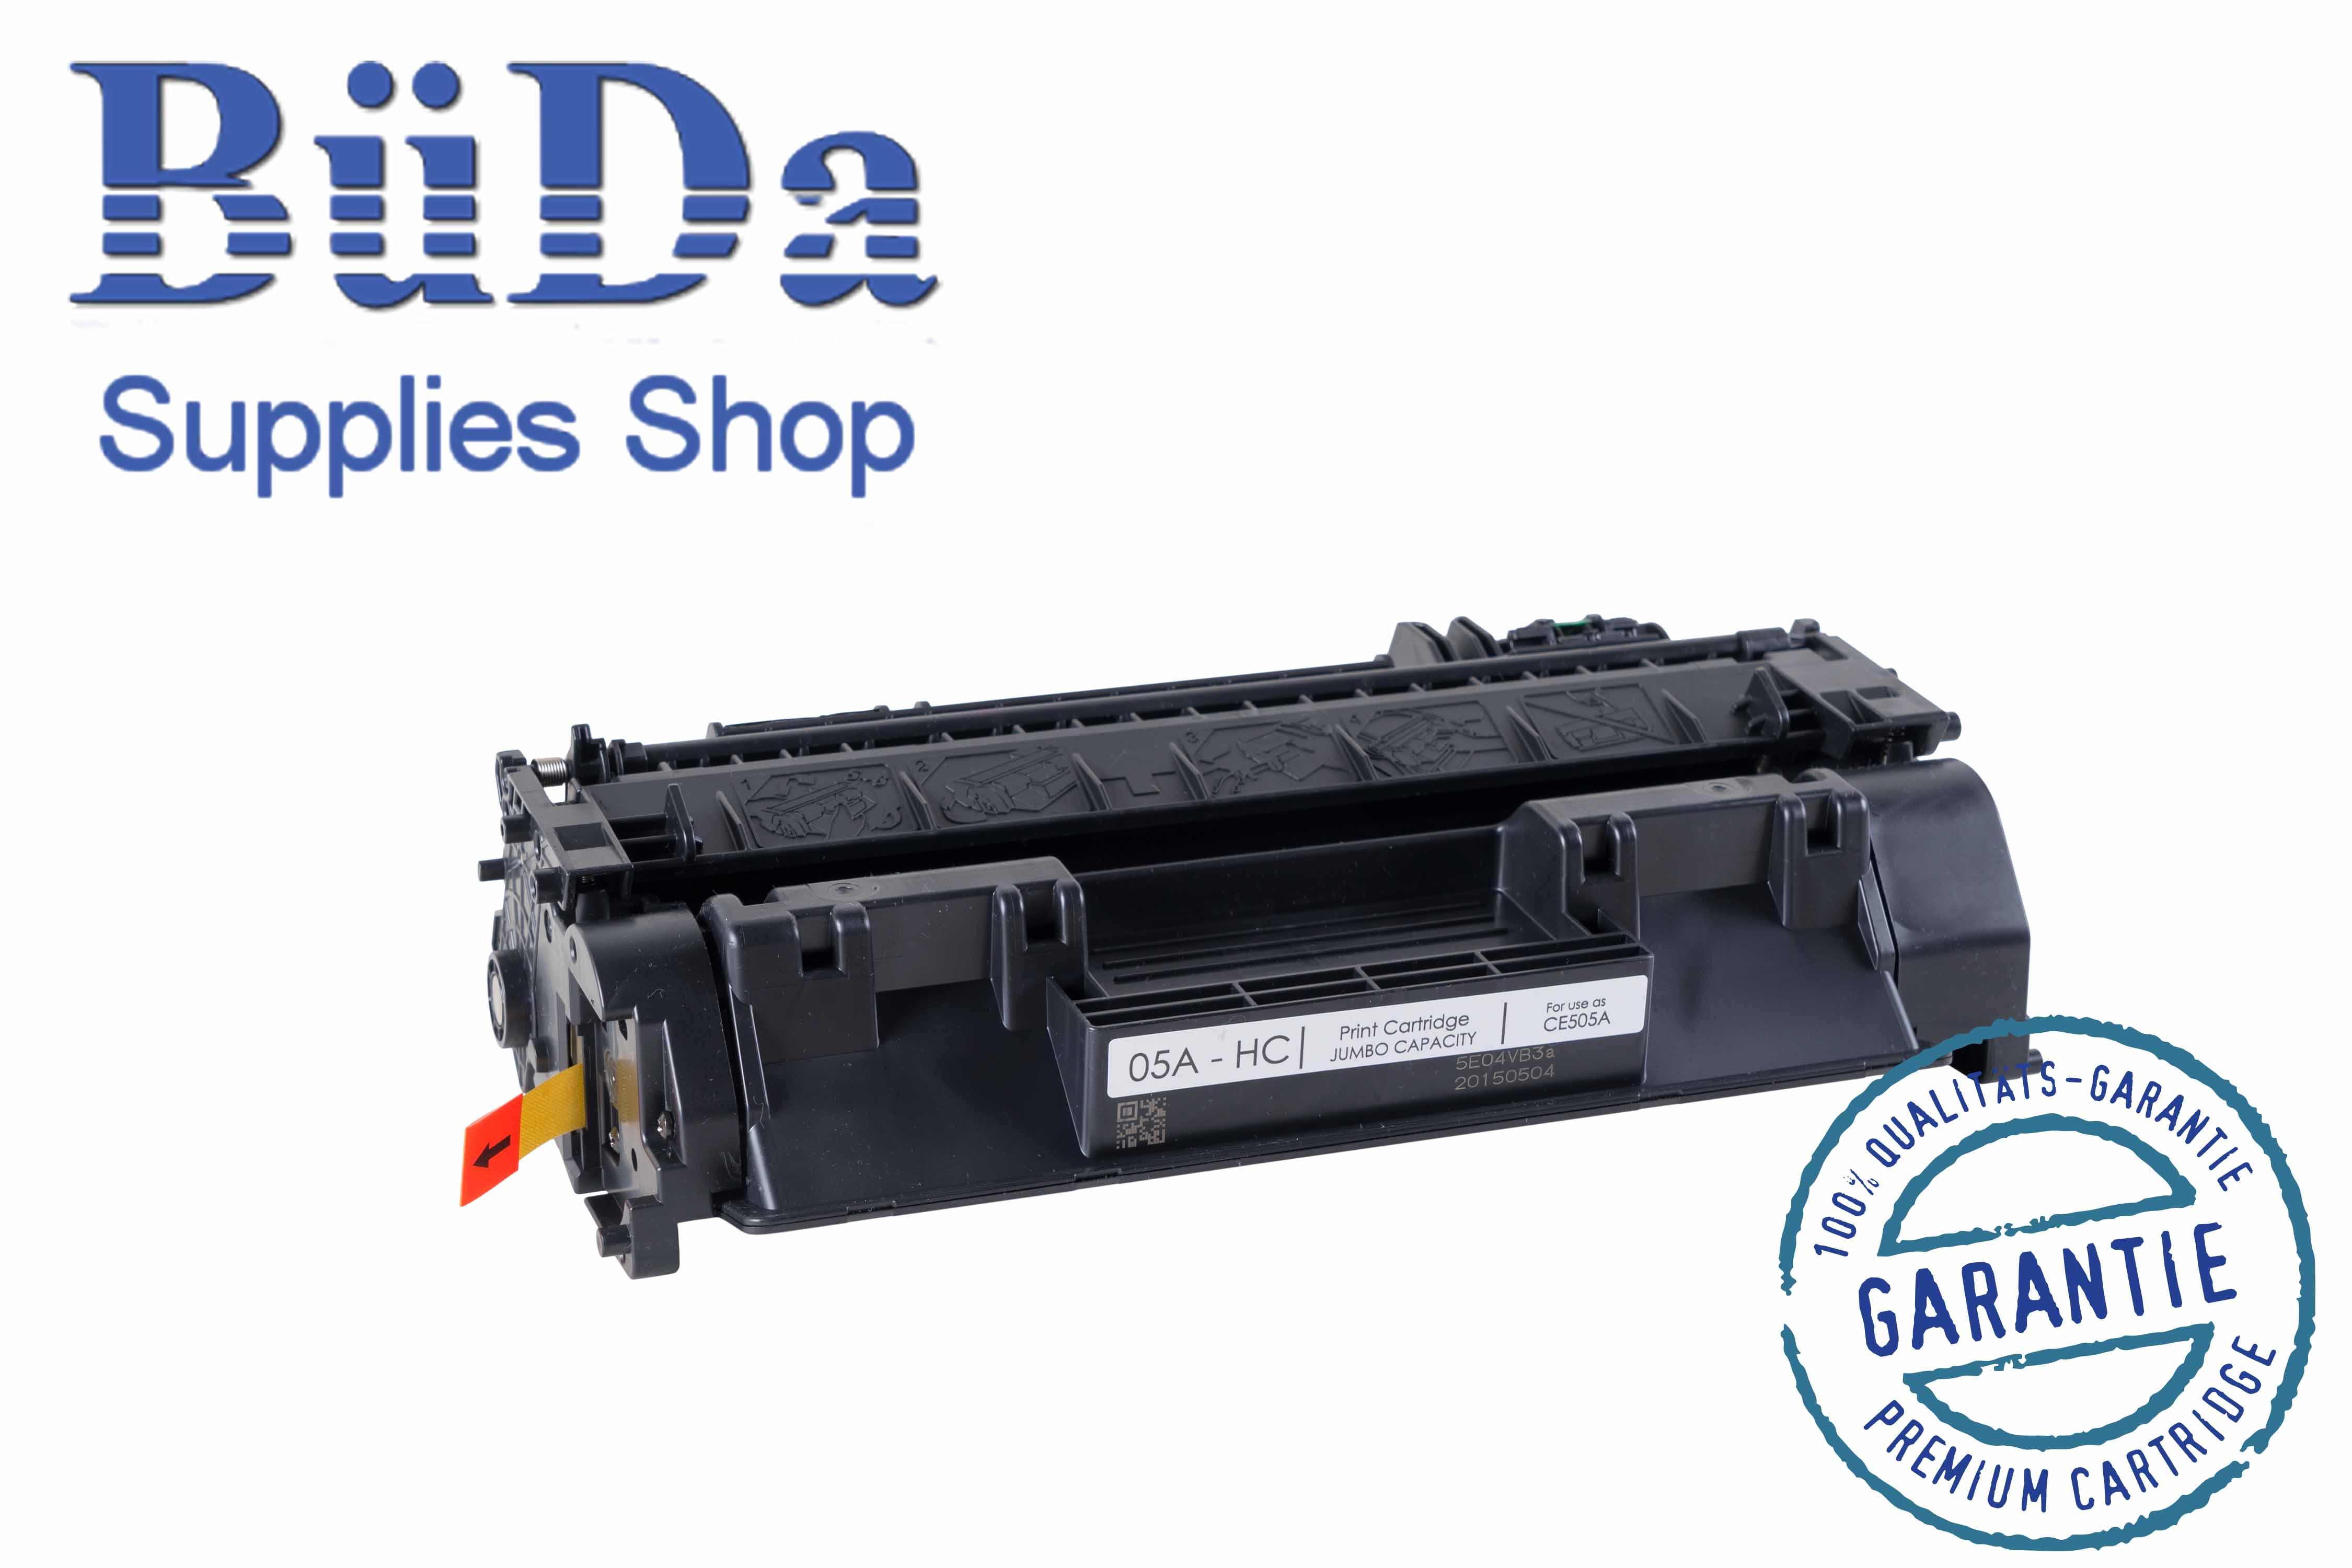 Toner-Modul komp. zu CE505A-HC / Crt. 719-HC black 4000 Seiten